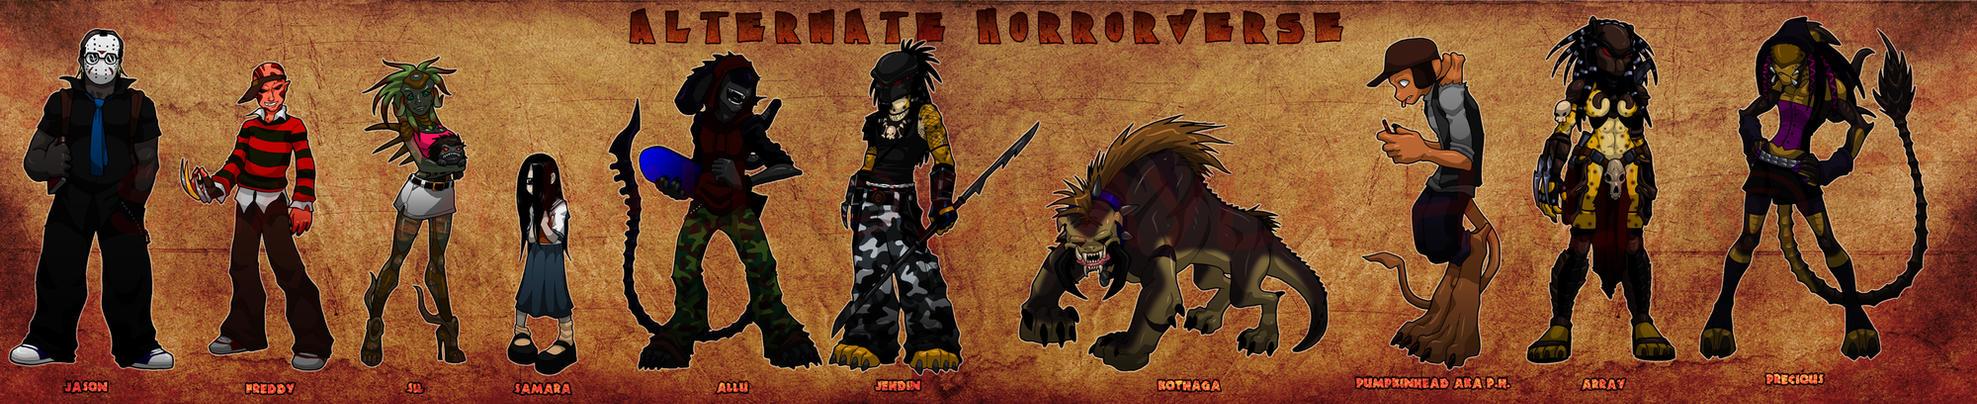 Alternate Horrorverse by AstroZerk